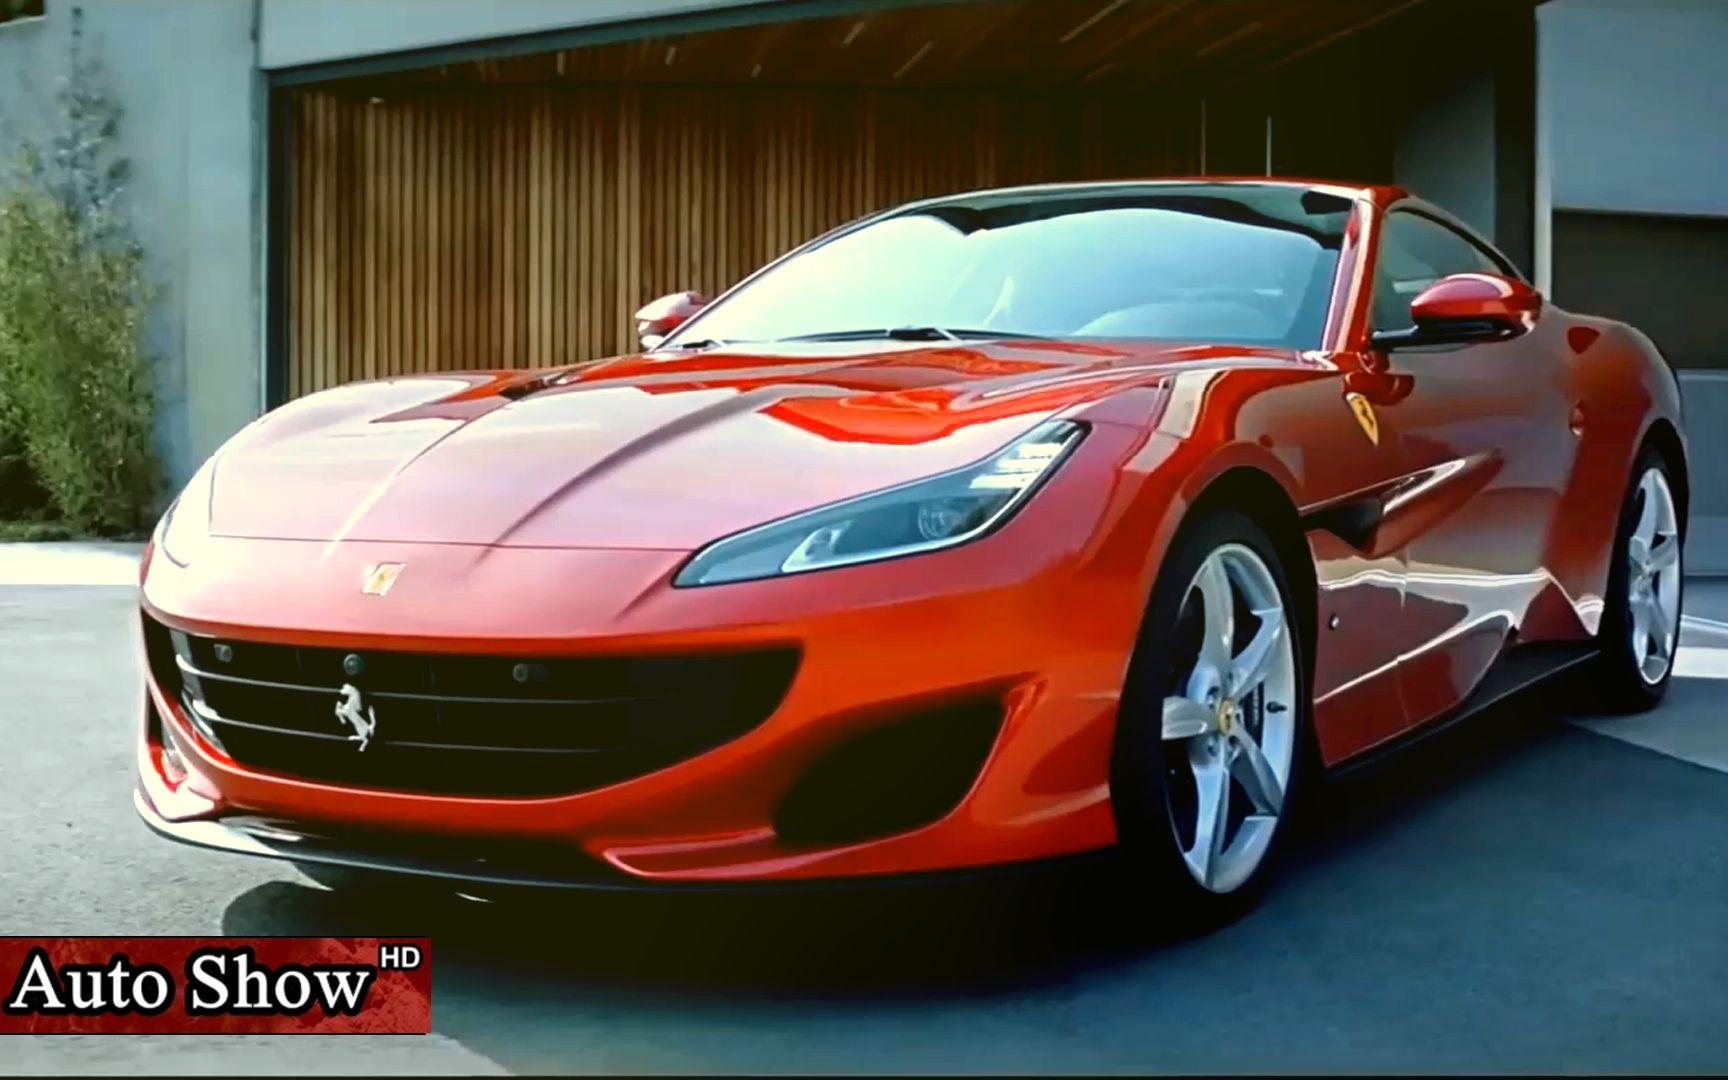 法拉利多少钱_入门版法拉利多少钱?Ferrari Portofino全面解析与试驾_哔哩哔哩 (゜ ...